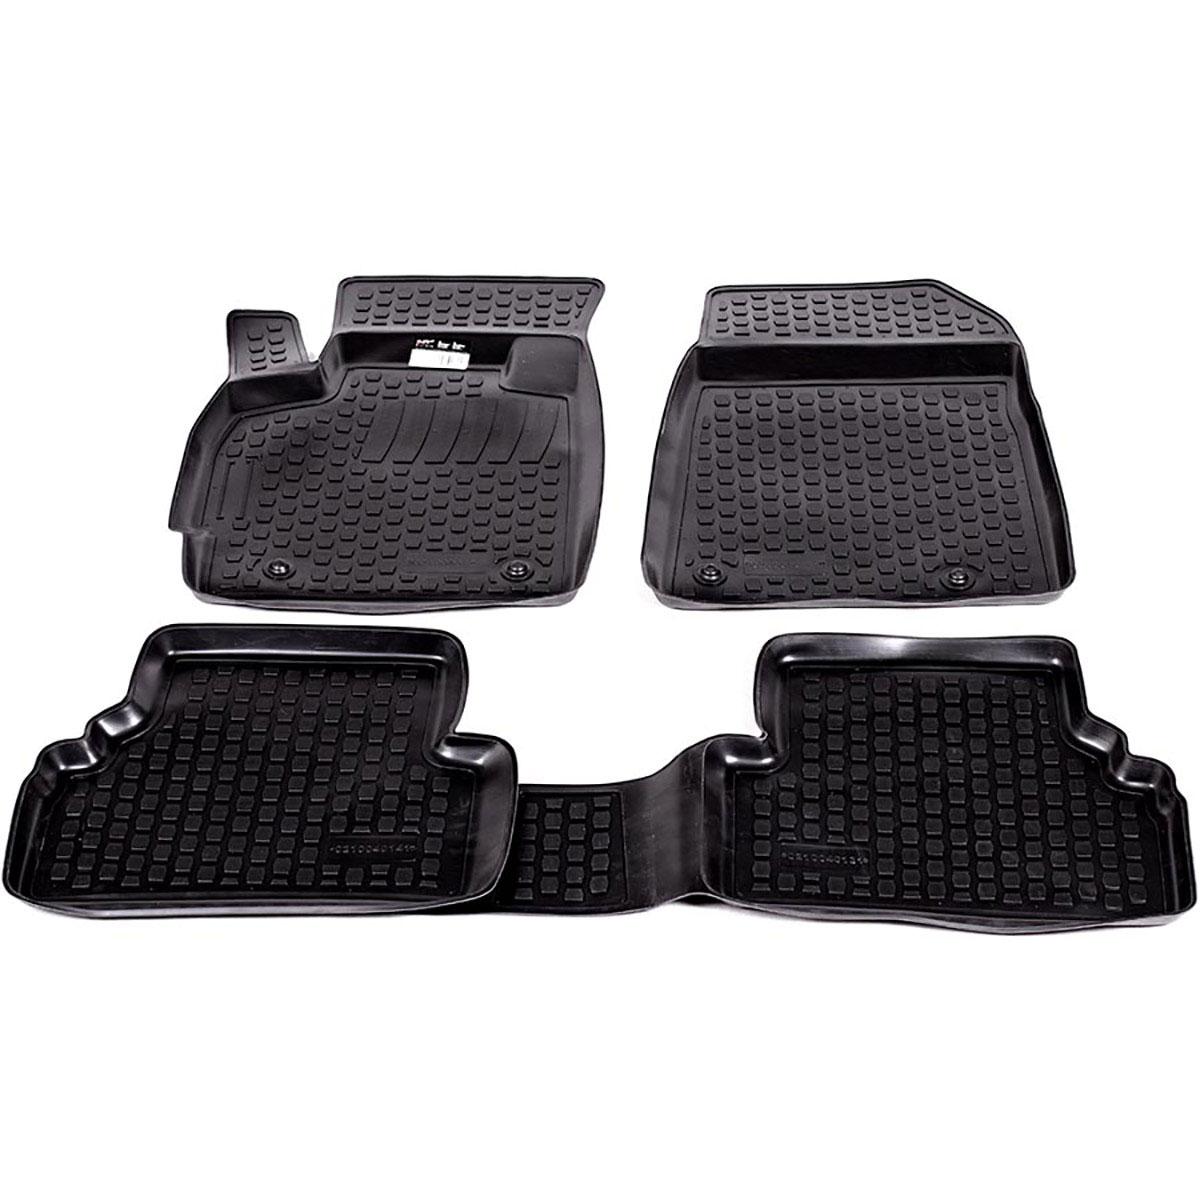 Набор автомобильных ковриков L.Locker для Mazda CX-7 (06-), в салон, 4 штFS-80264Коврики L.Locker производятся индивидуально для каждой модели автомобиля из современного и экологически чистого материала, точно повторяют геометрию пола автомобиля, имеют высокий борт от 3 см до 4 см, обладают повышенной износоустойчивостью, антискользящими свойствами, лишены резкого запаха, сохраняют свои потребительские свойства в широком диапазоне температур (от -50°С до +80°С).